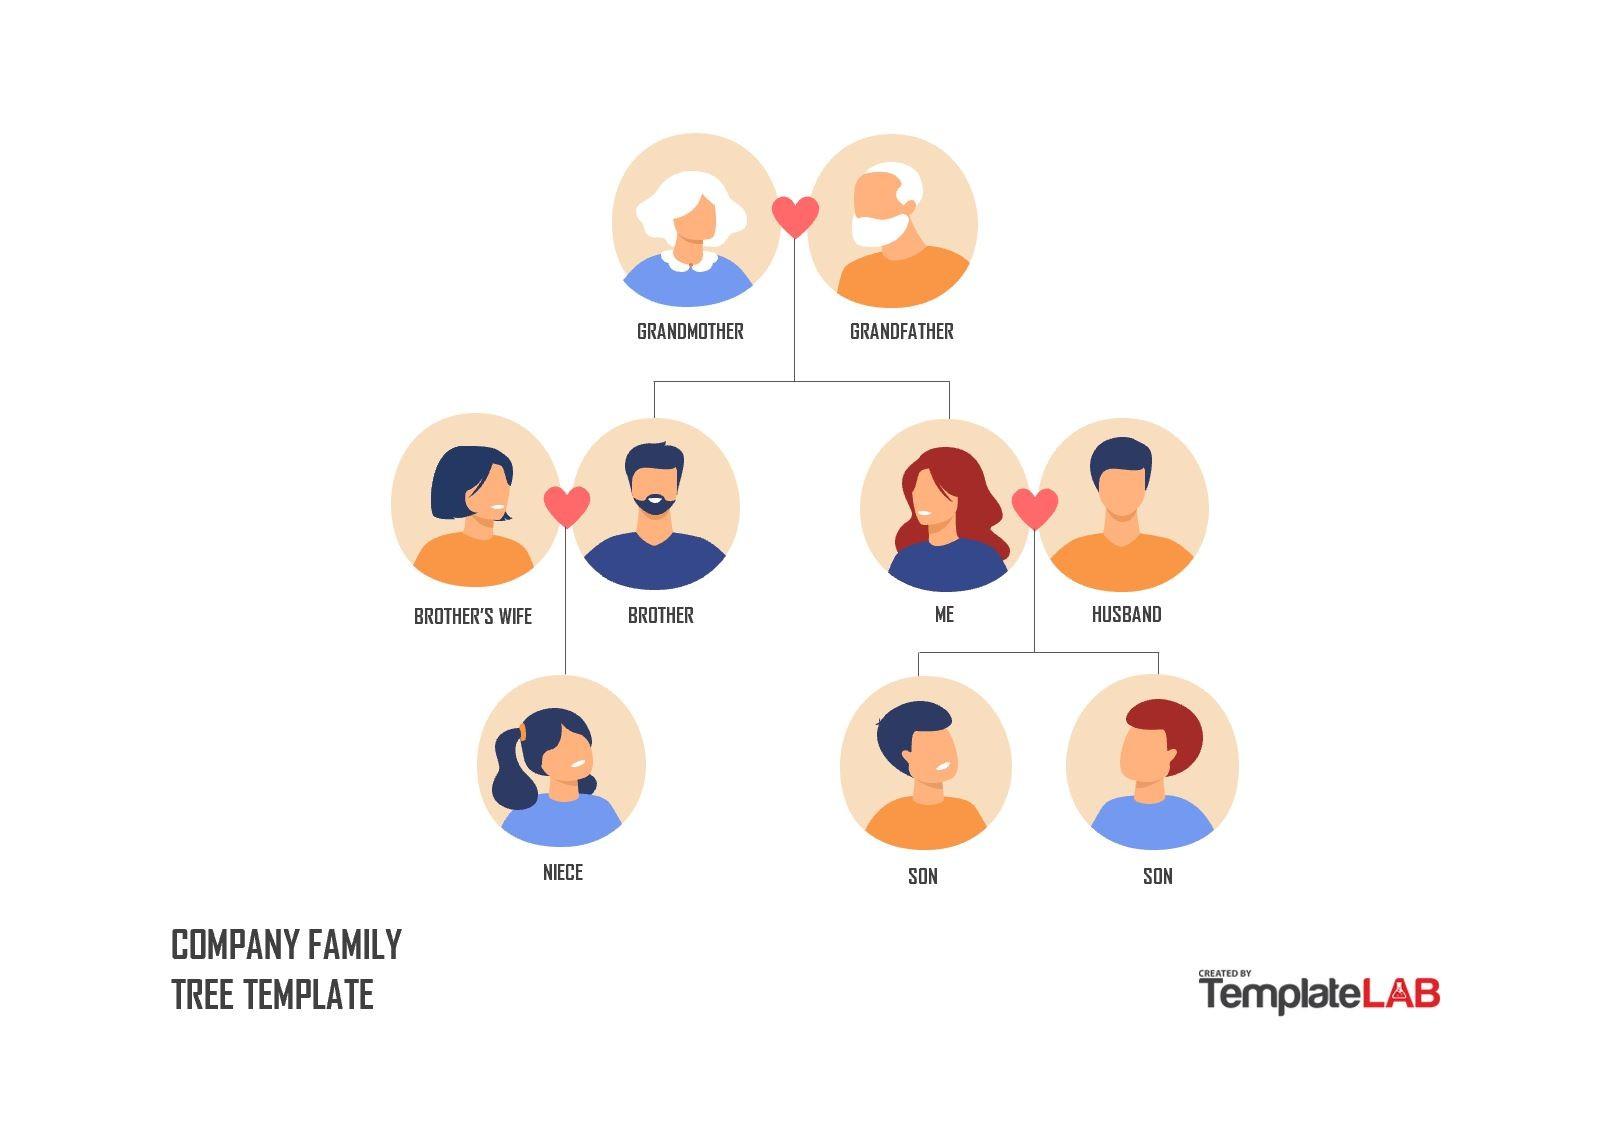 Free Company Family Tree Template